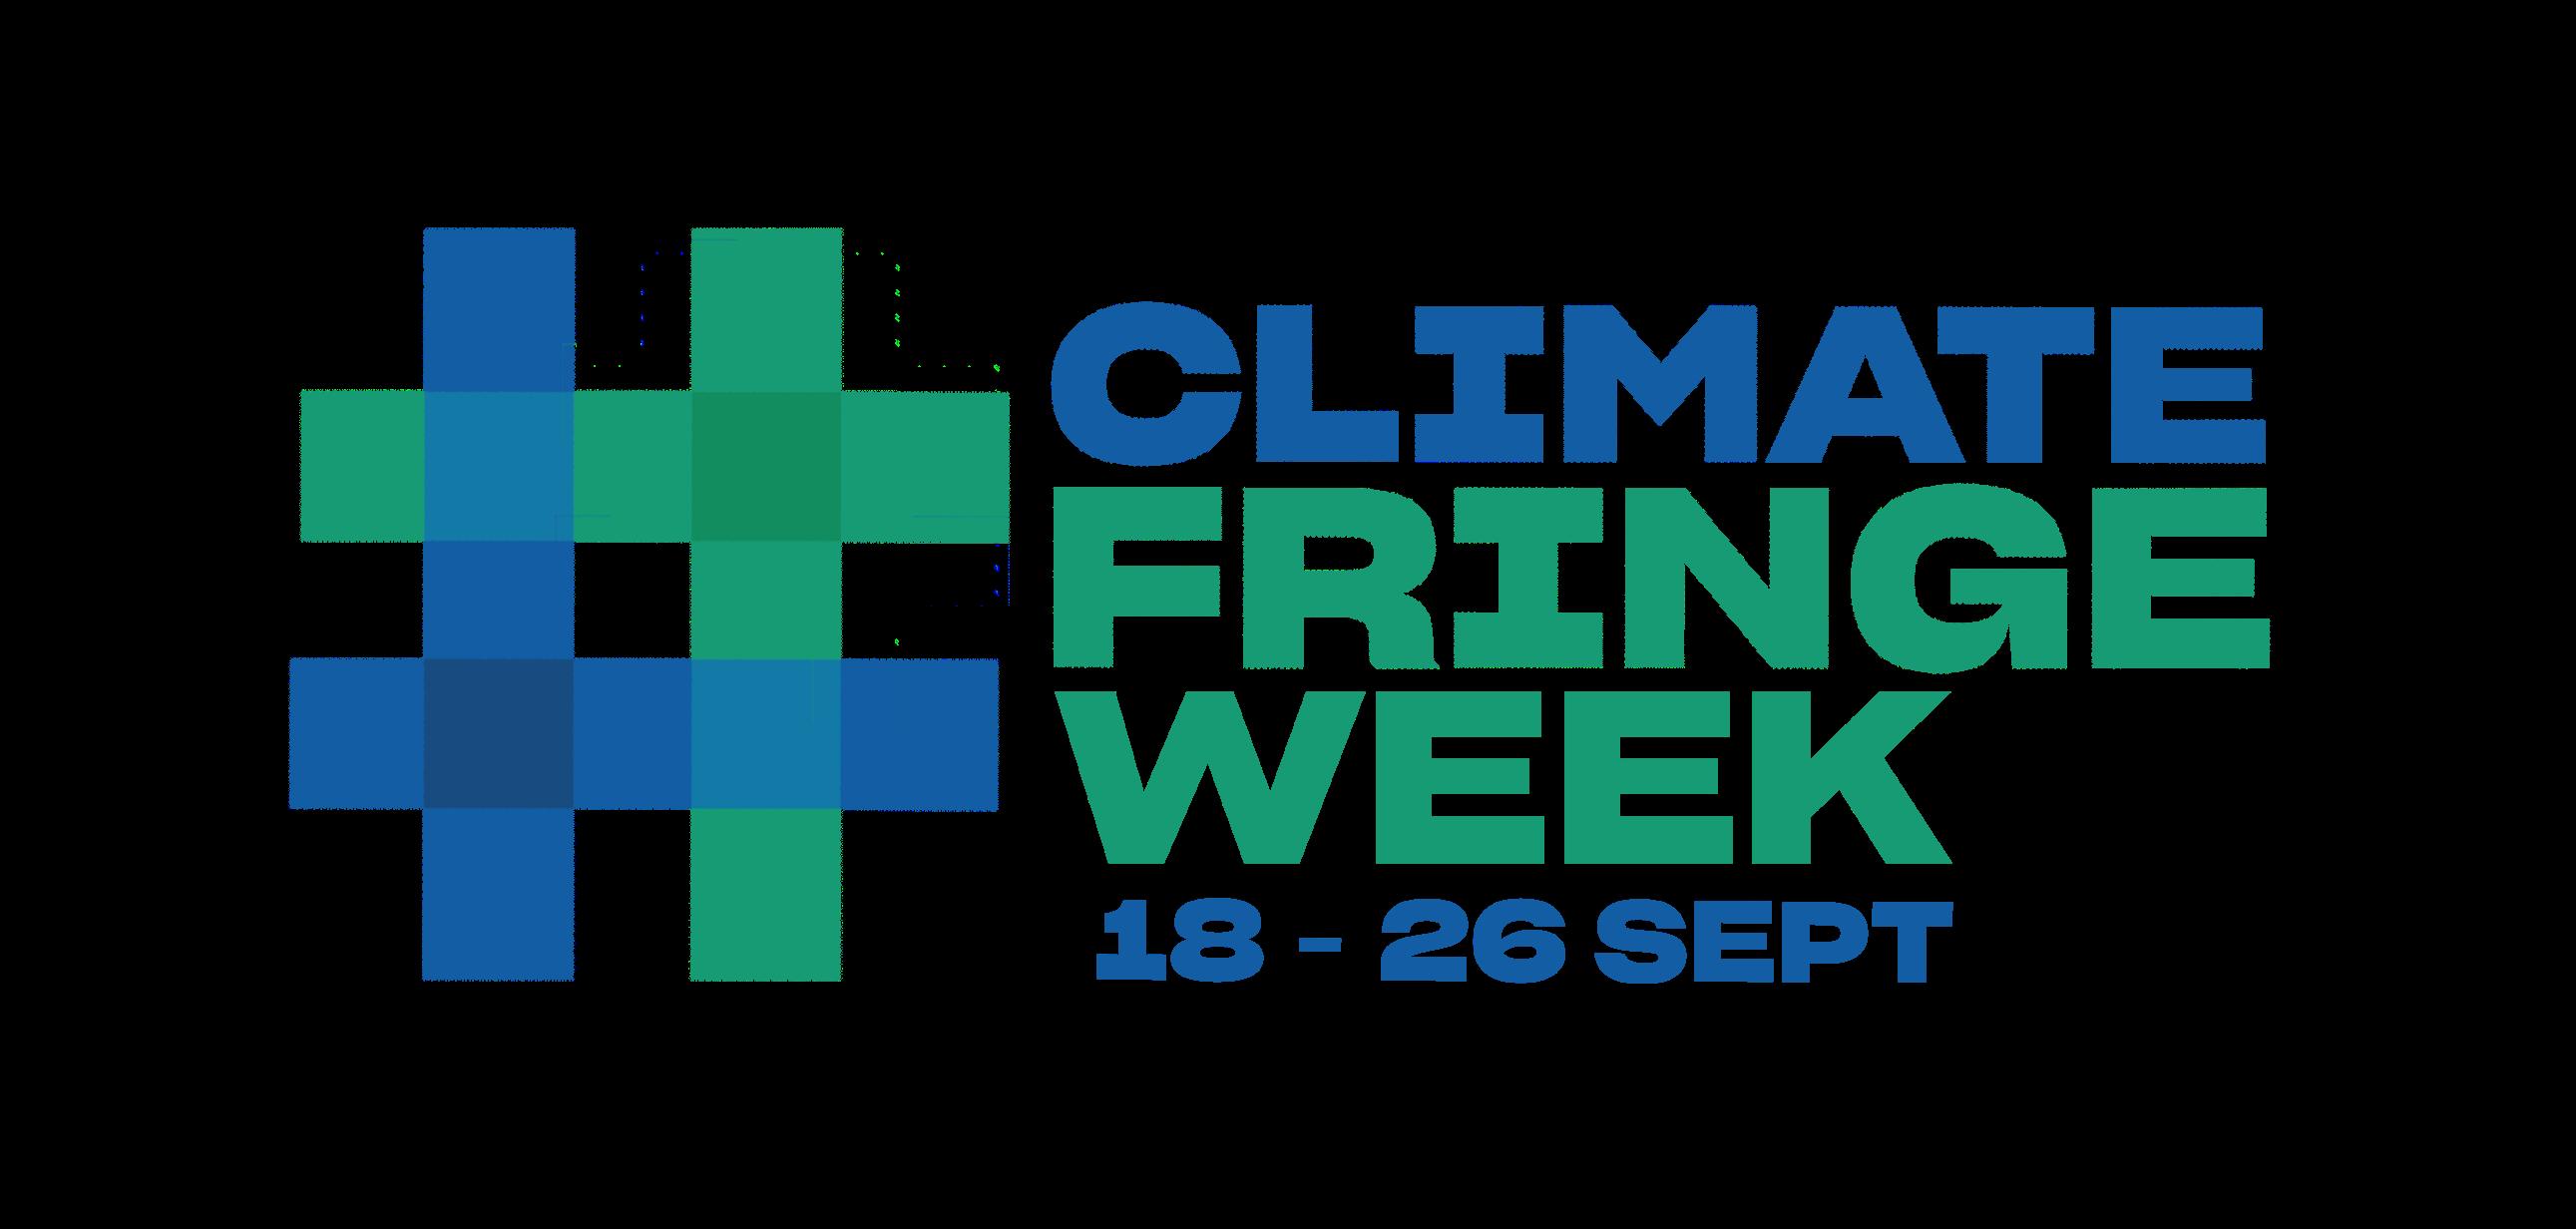 Climate fringe week logo